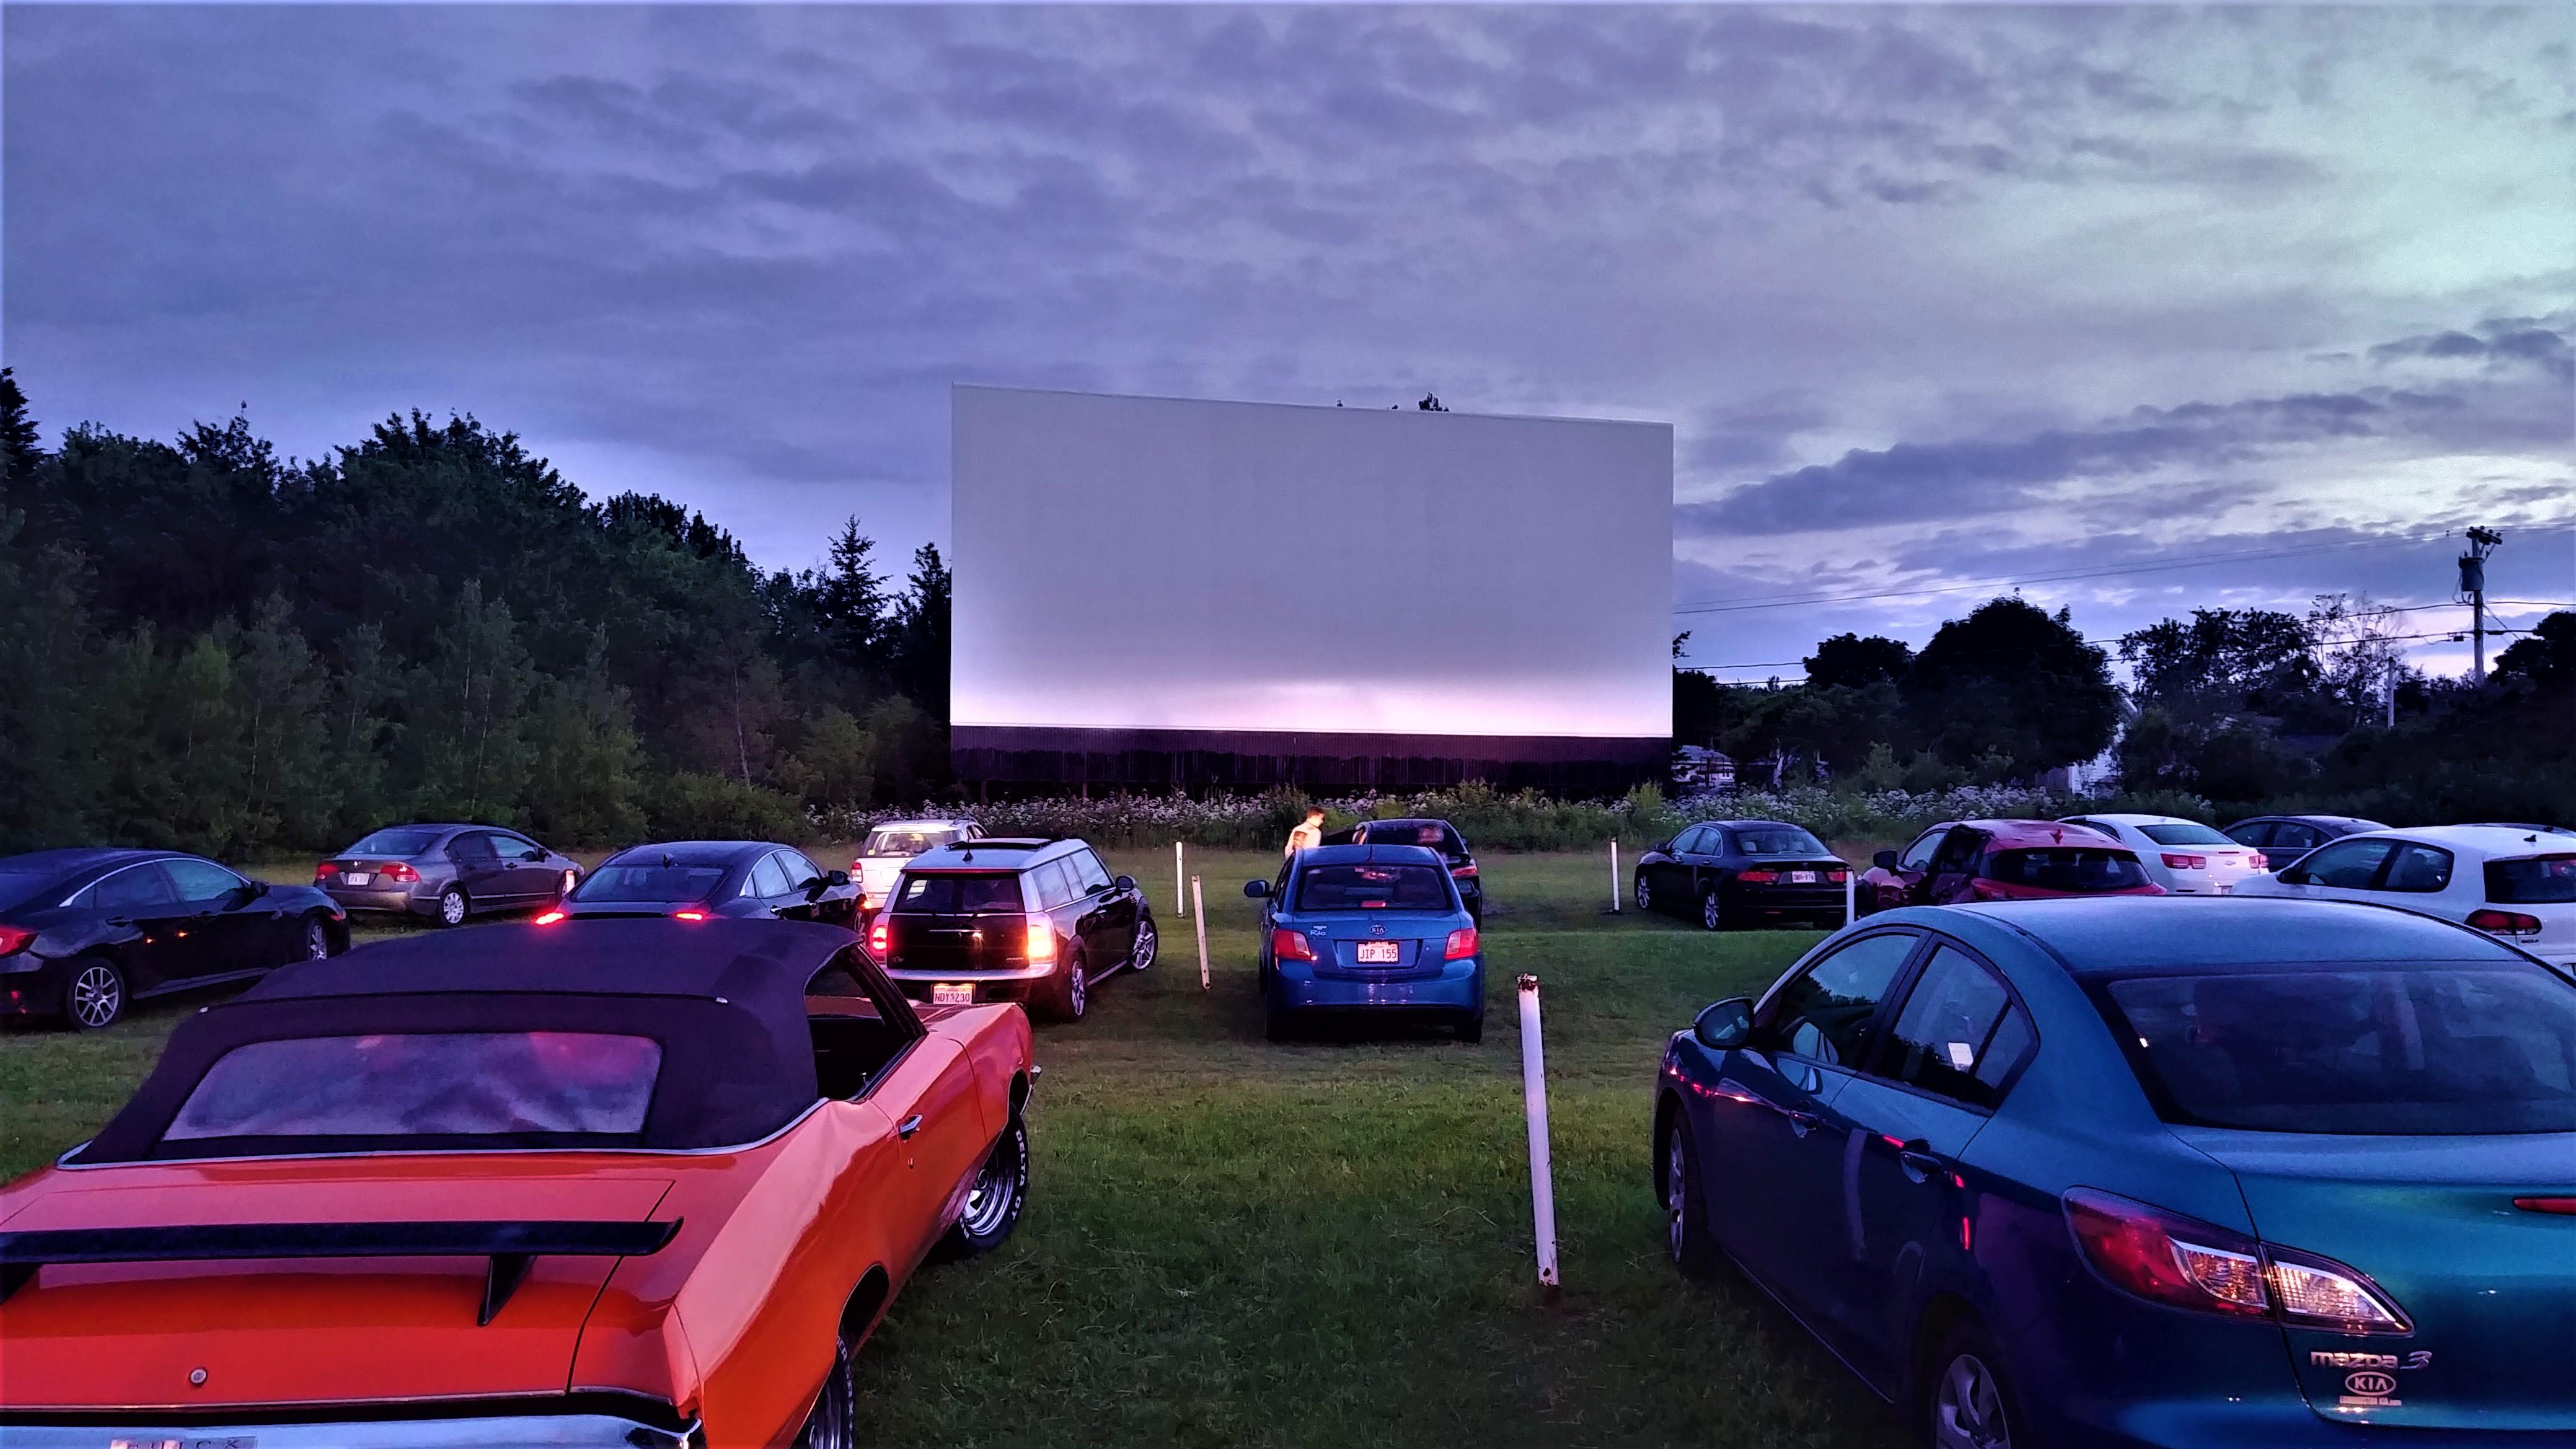 activites ete shediac moncton cine drive-in cine-parc voyage nouveau-brunswick canada road-trip